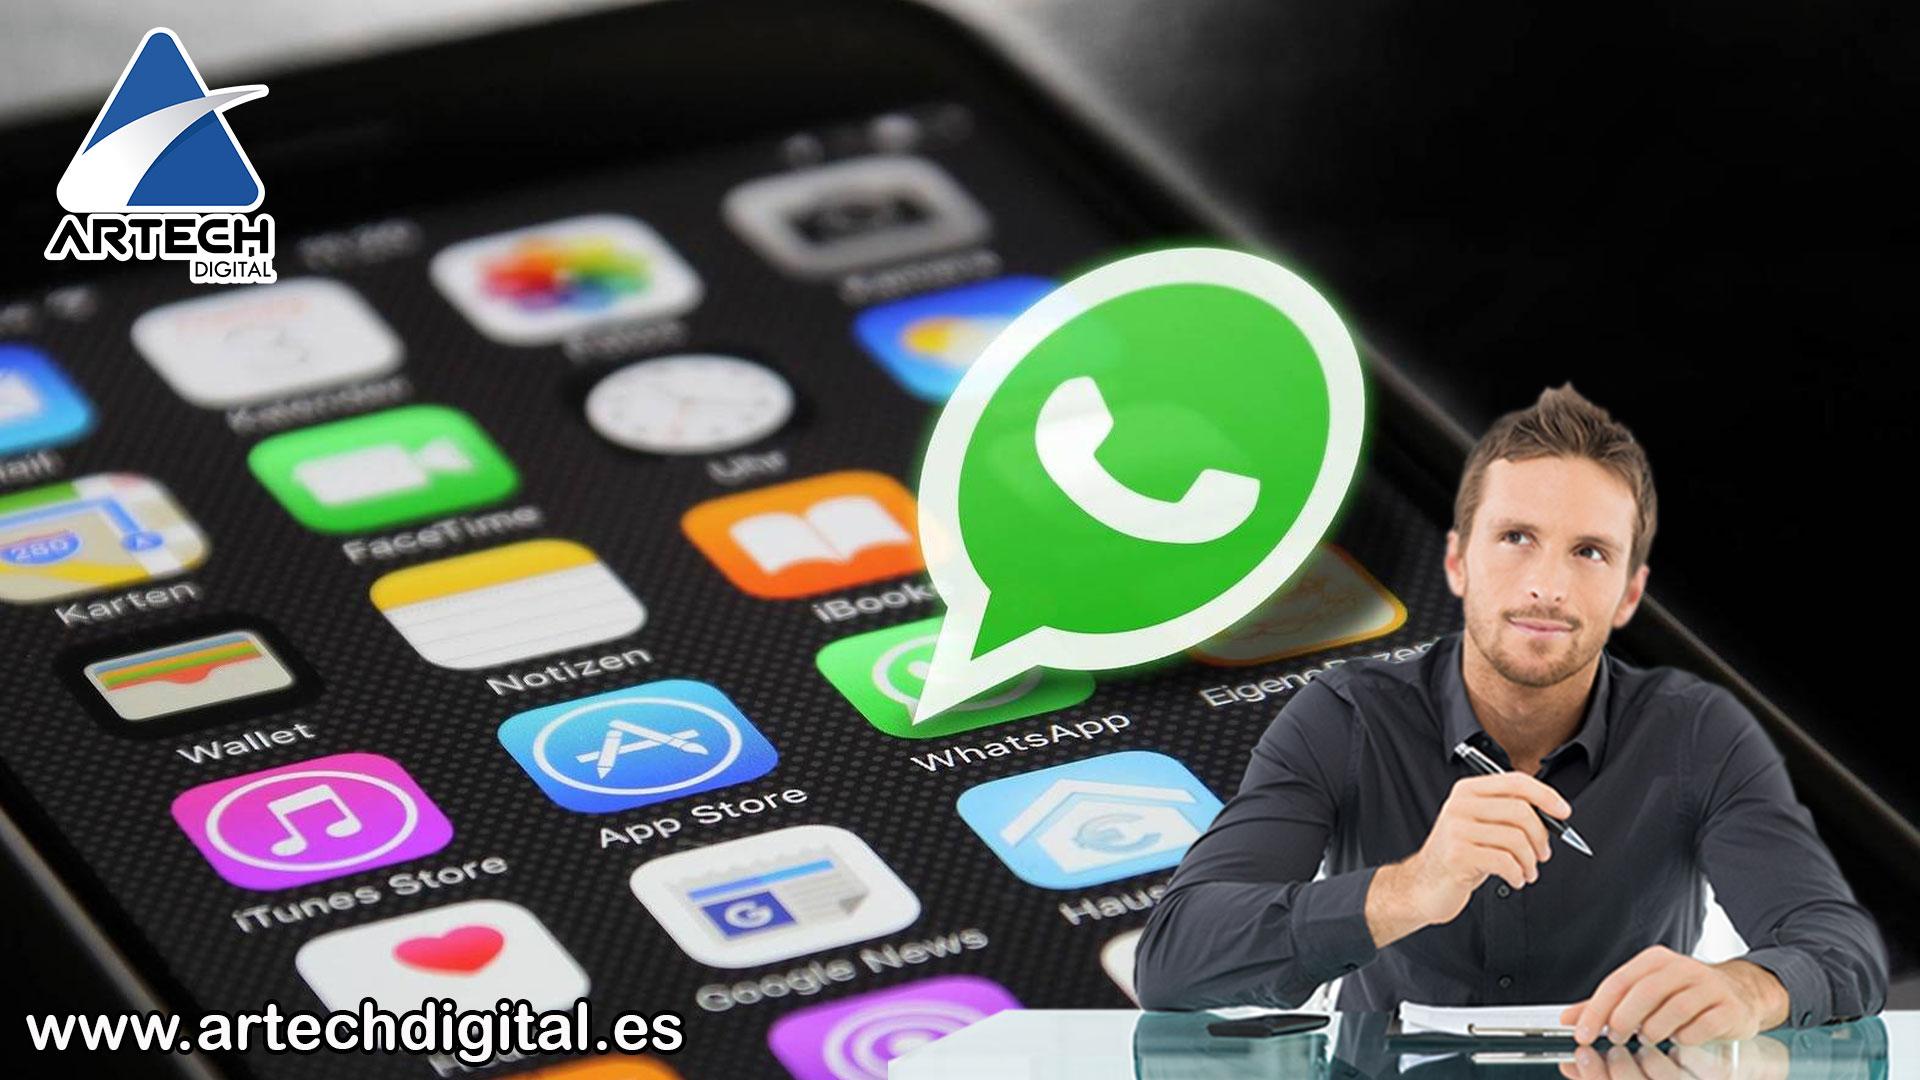 App más usada en España - Artech Digital